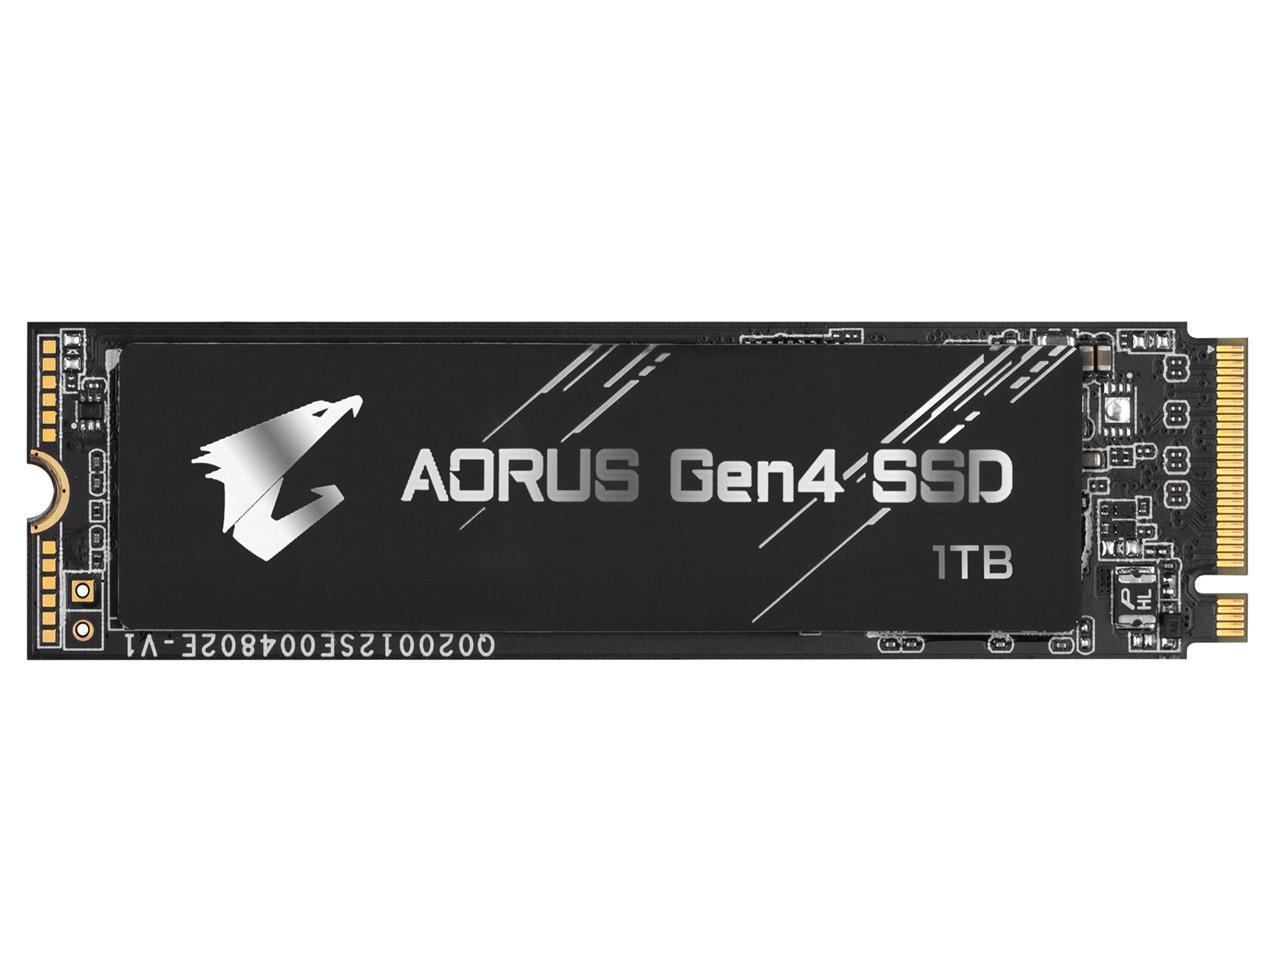 GIGABYTE AORUS Gen4 M.2 NVMe 1TB SSD PCI-Express 4.0 x4 $160